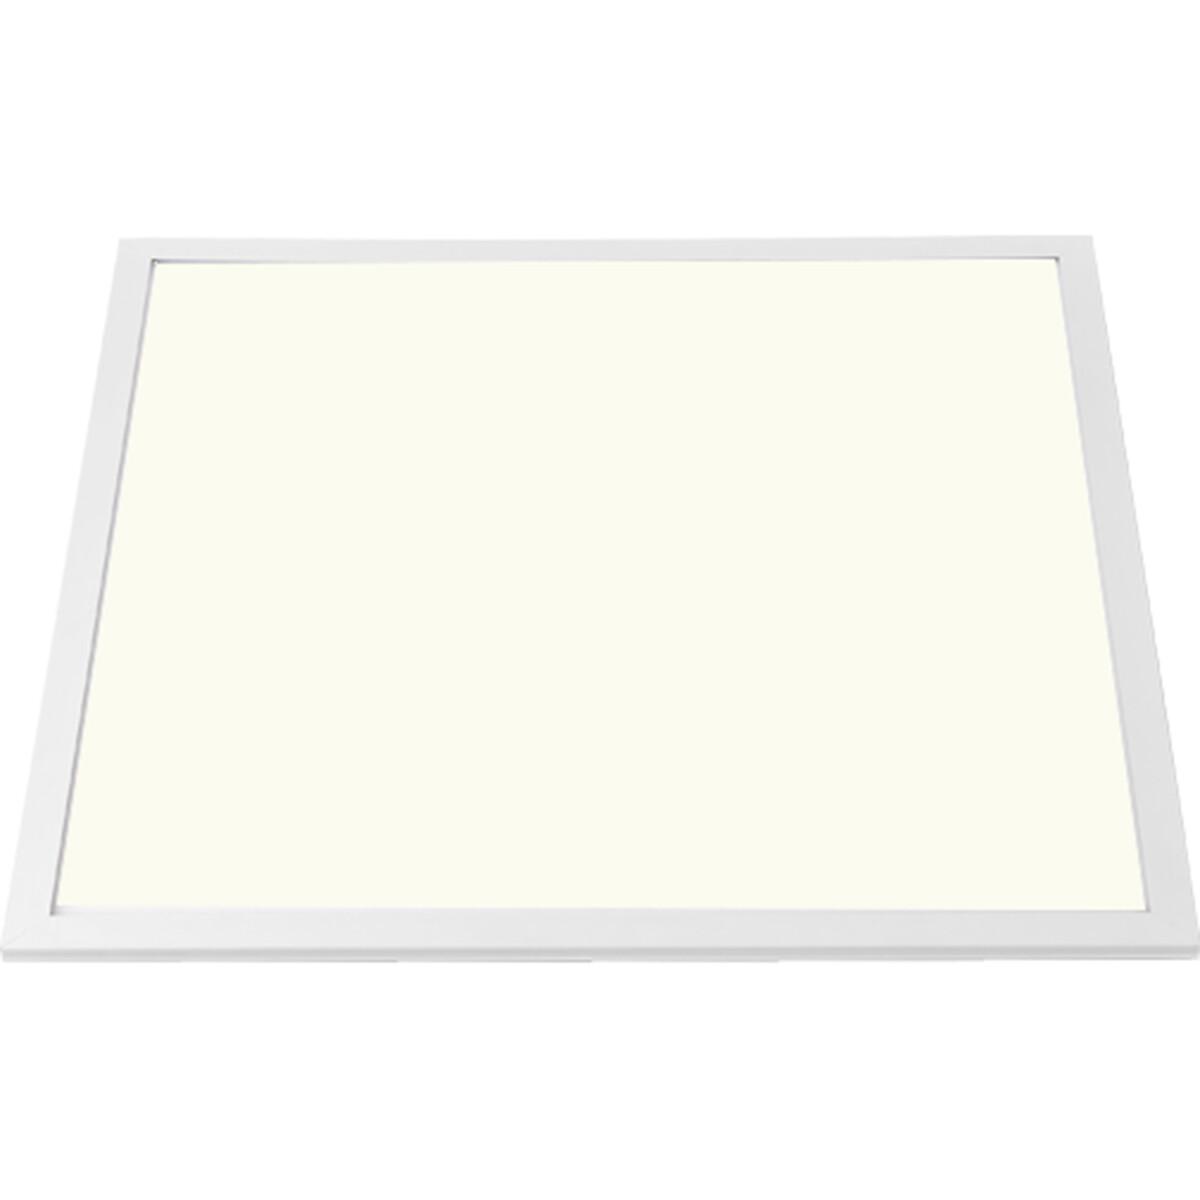 LED Paneel - Aigi - 62x62 Natuurlijk Wit 4000K - 40W Inbouw Vierkant - Mat Wit - Aluminium - Flikker